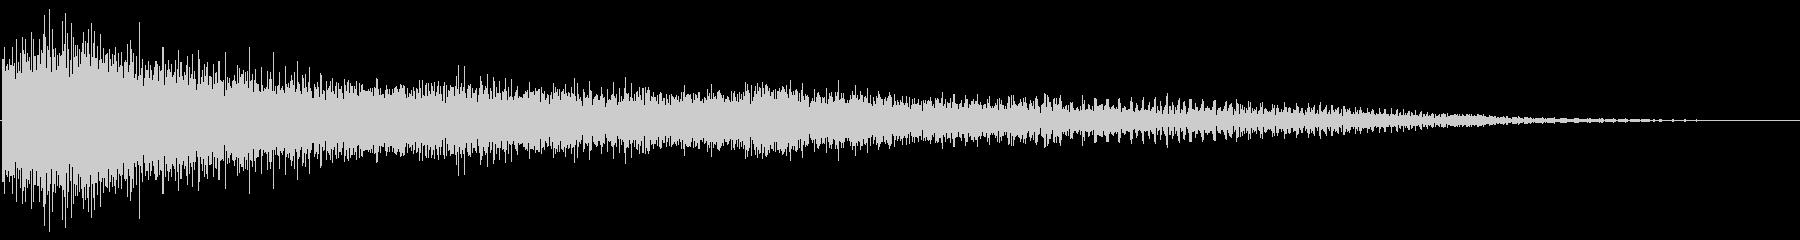 メタリックトレイル付きサスペンドピアノの未再生の波形